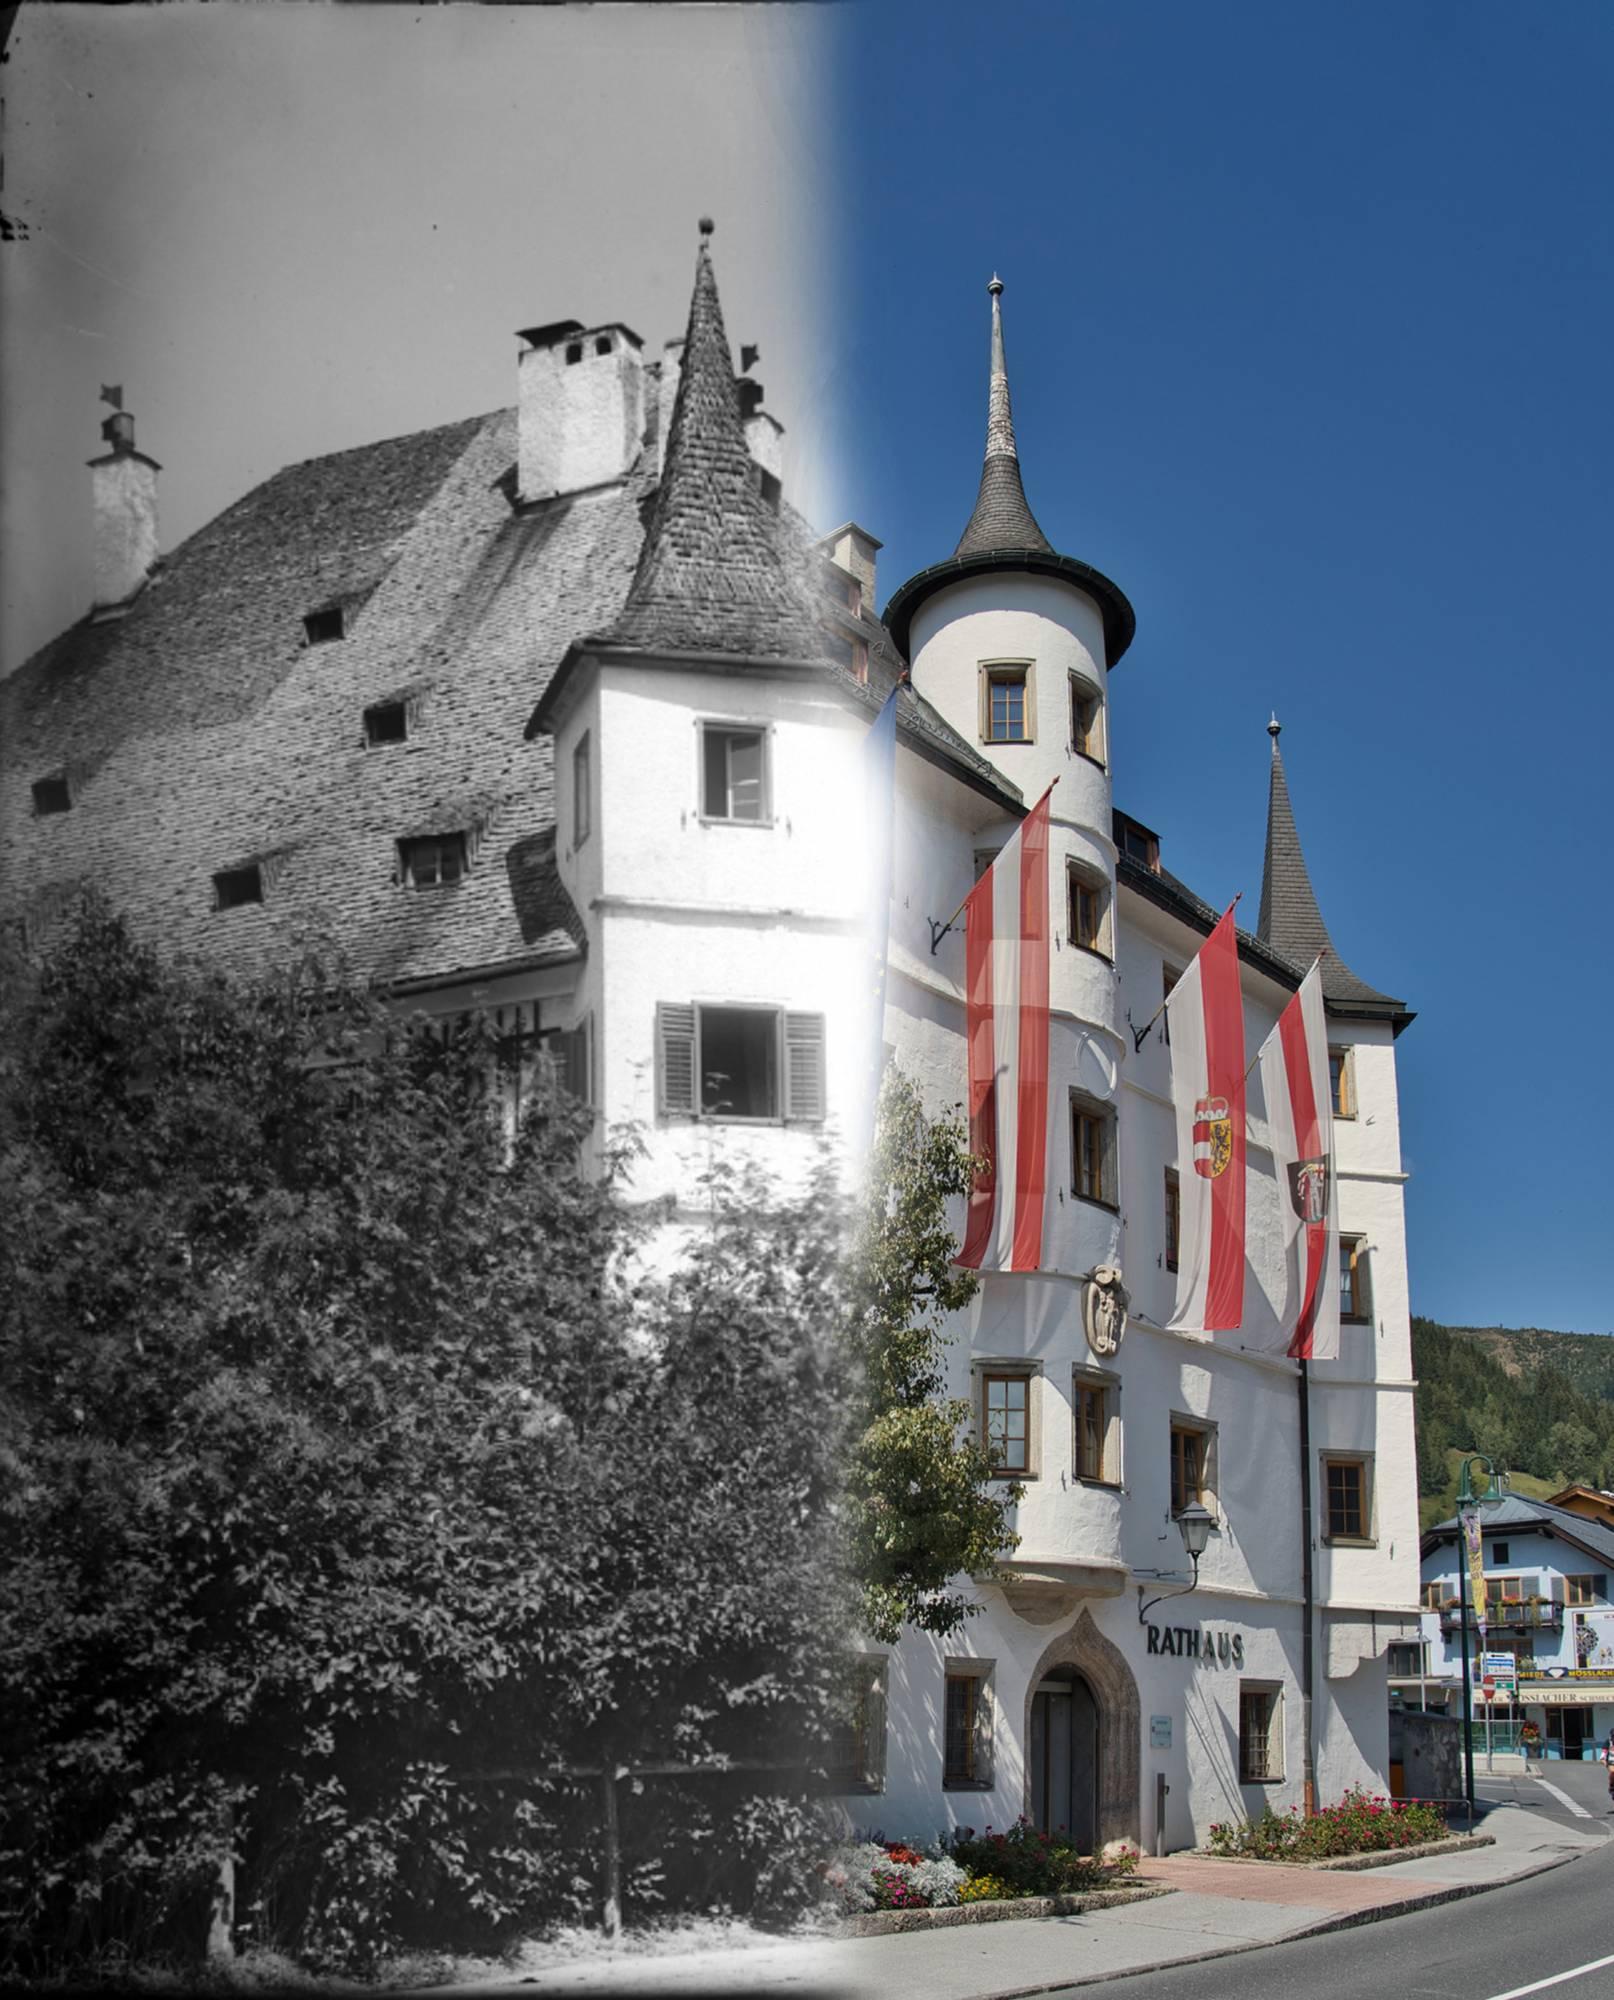 The Castle Rosenberg